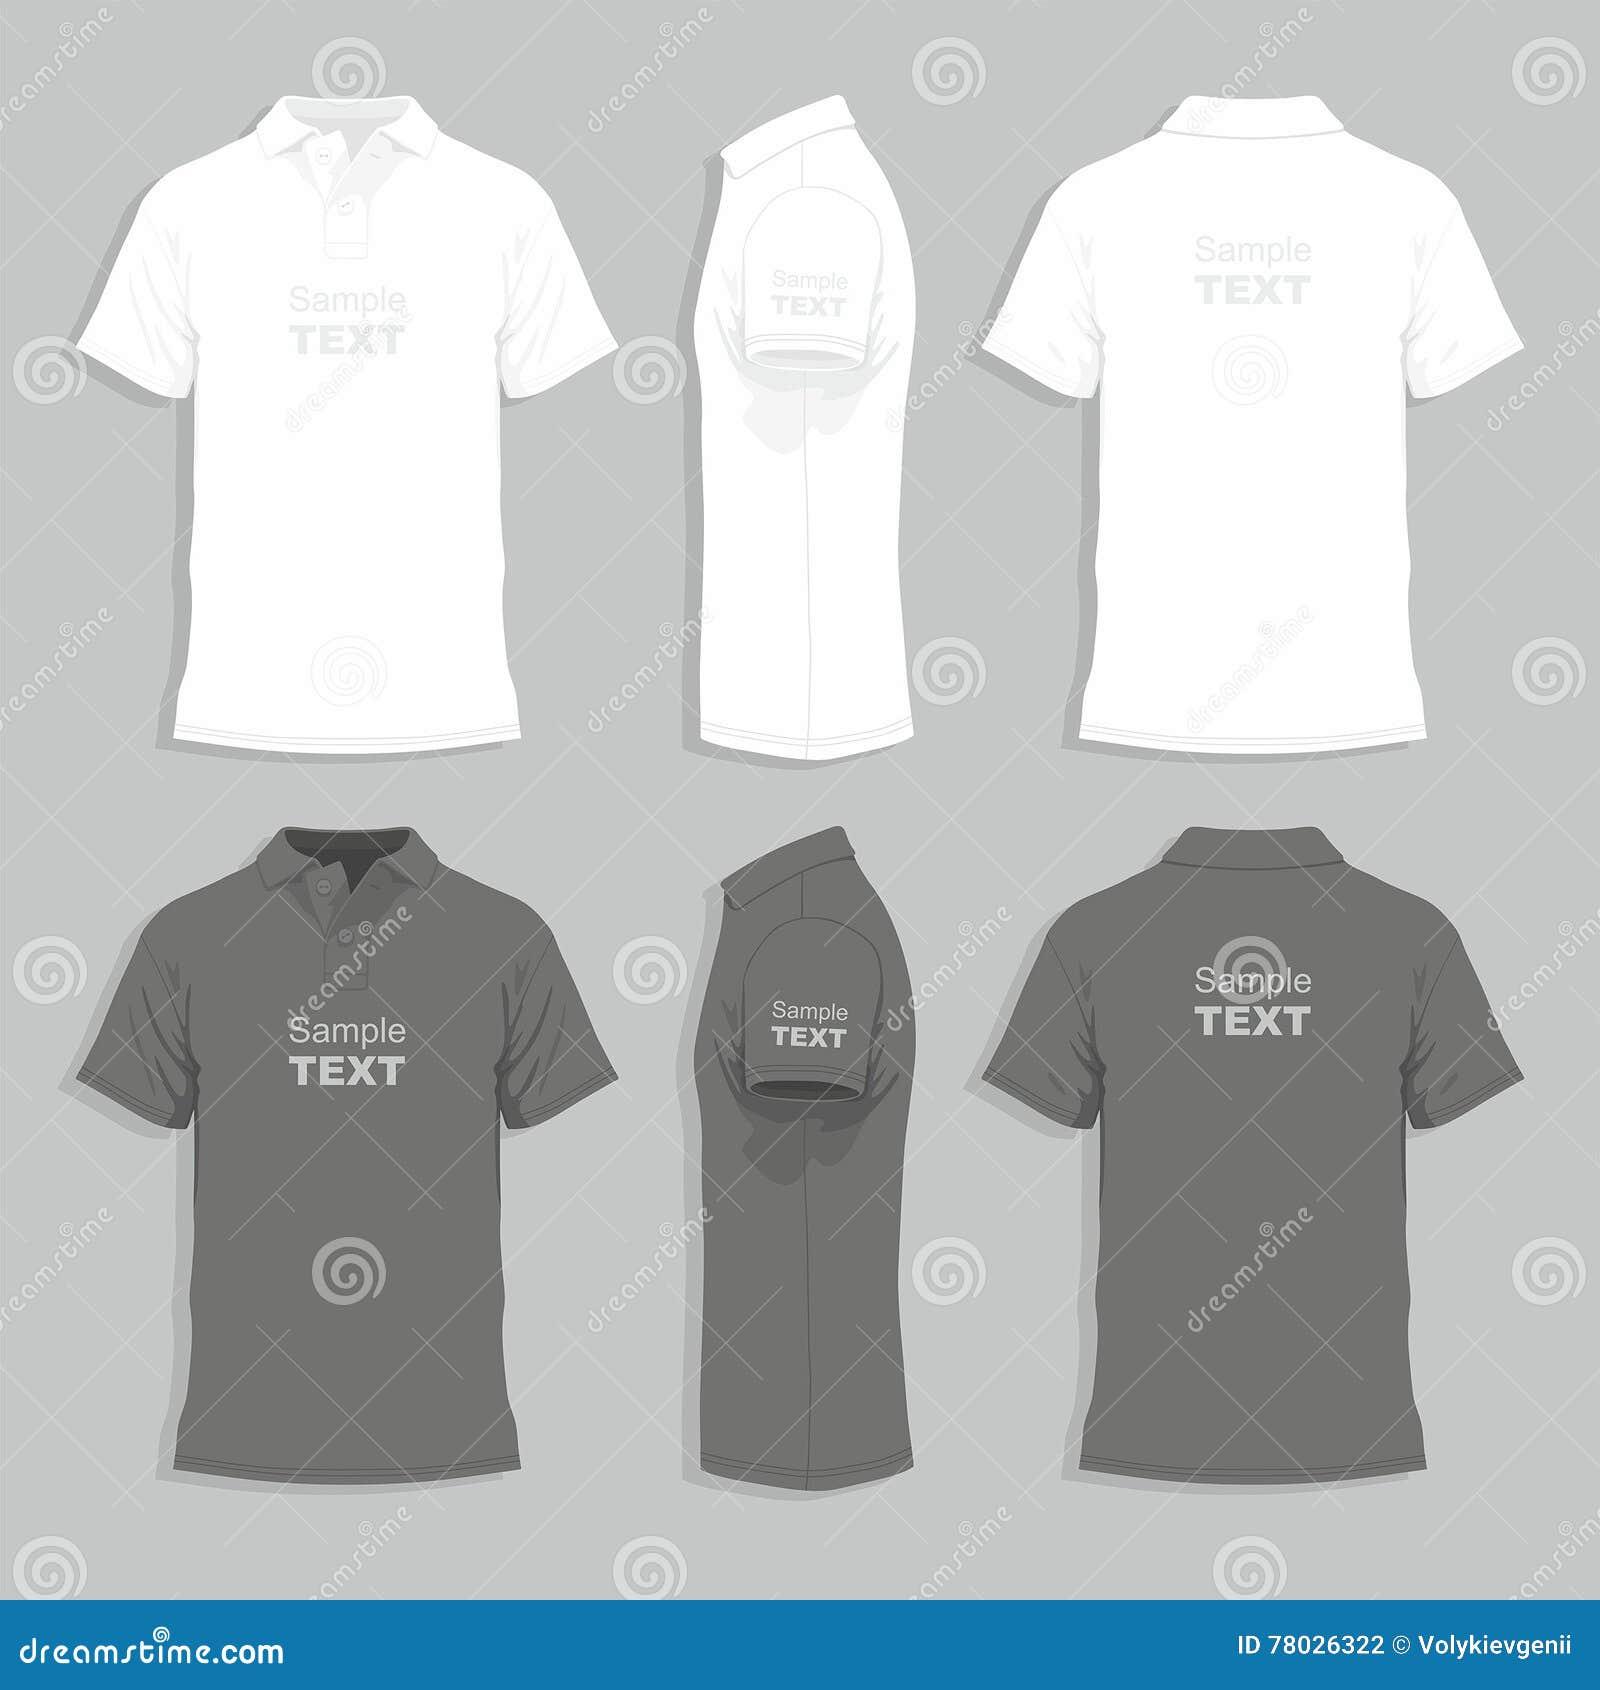 341e664e4 Mens T-shirt Design Template Stock Vector - Illustration of side ...